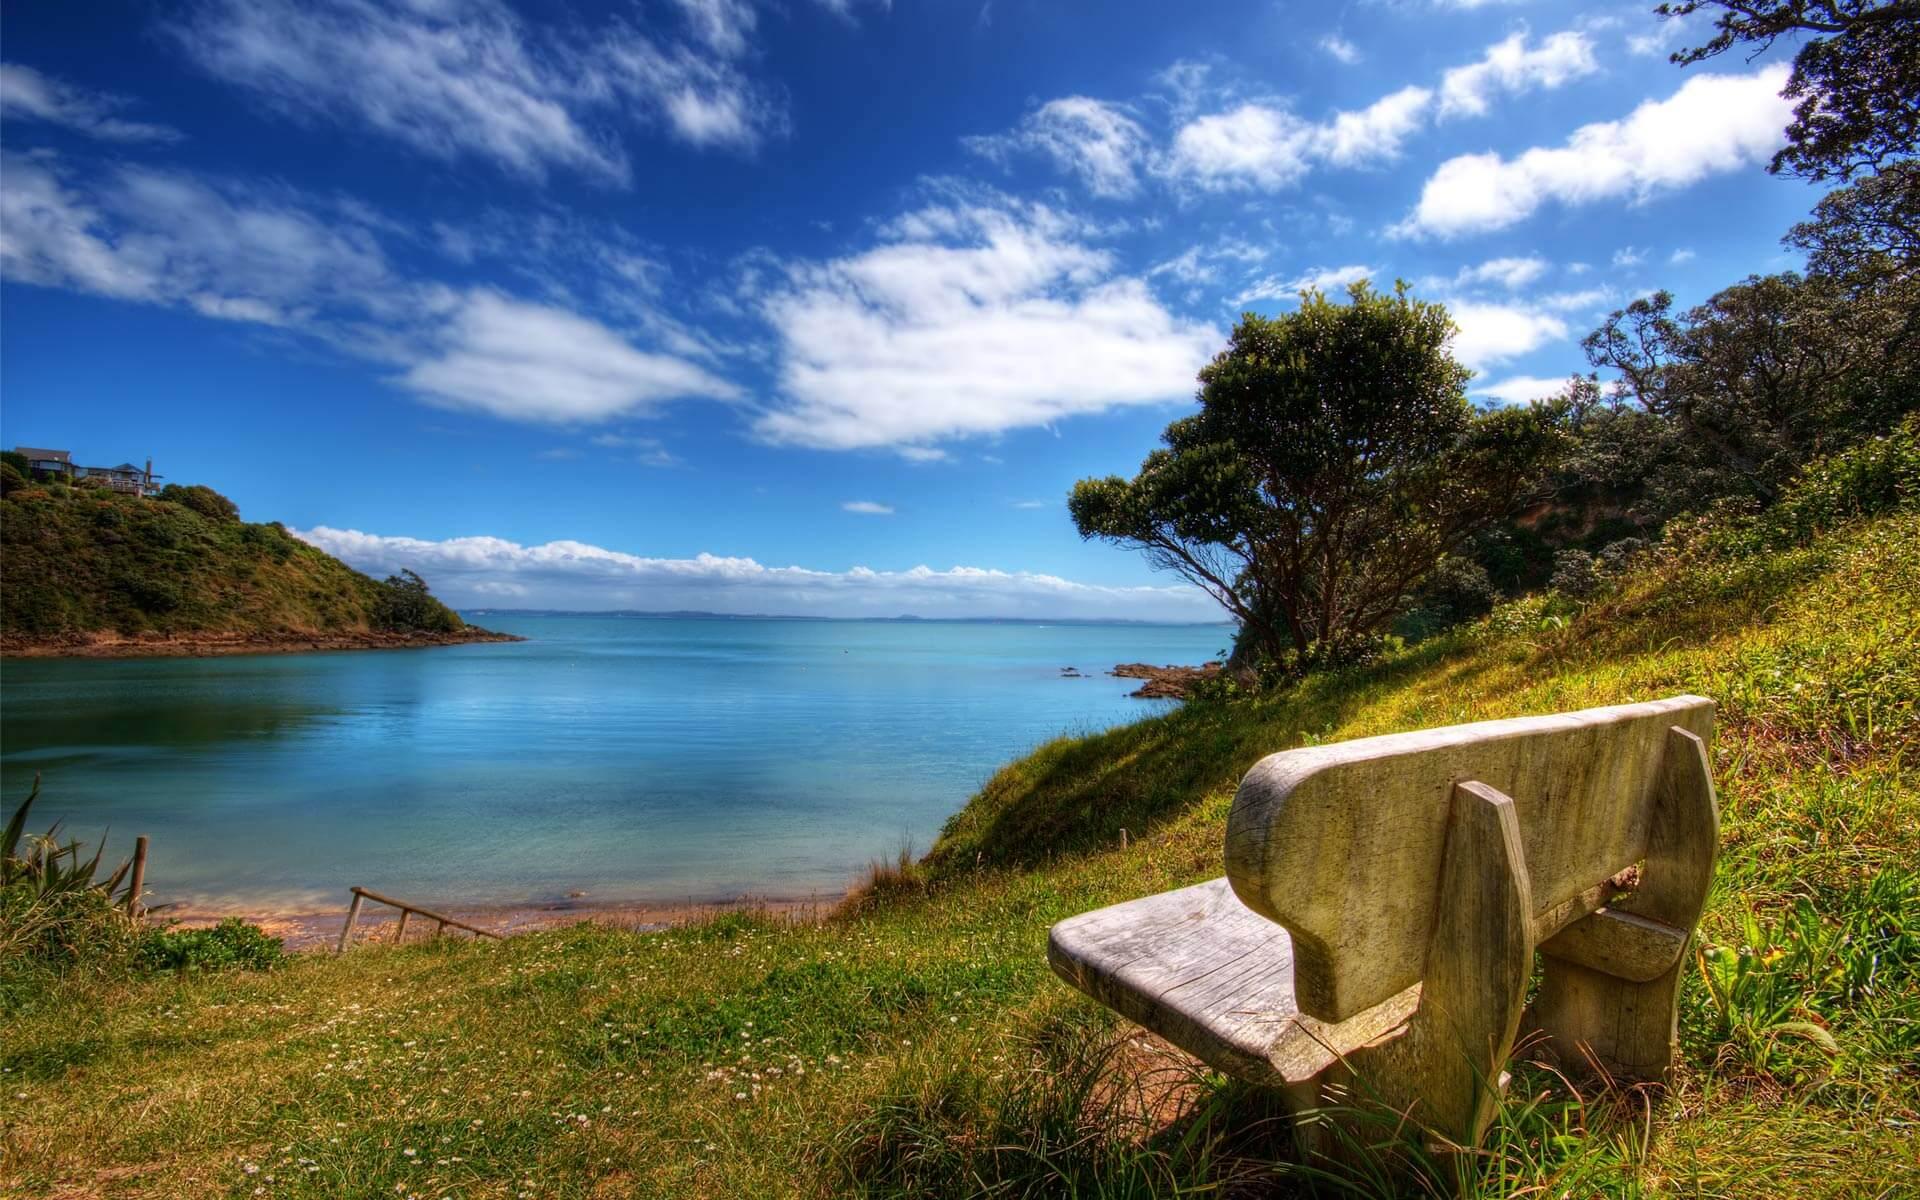 Красивые картинки на рабочий стол лето природа